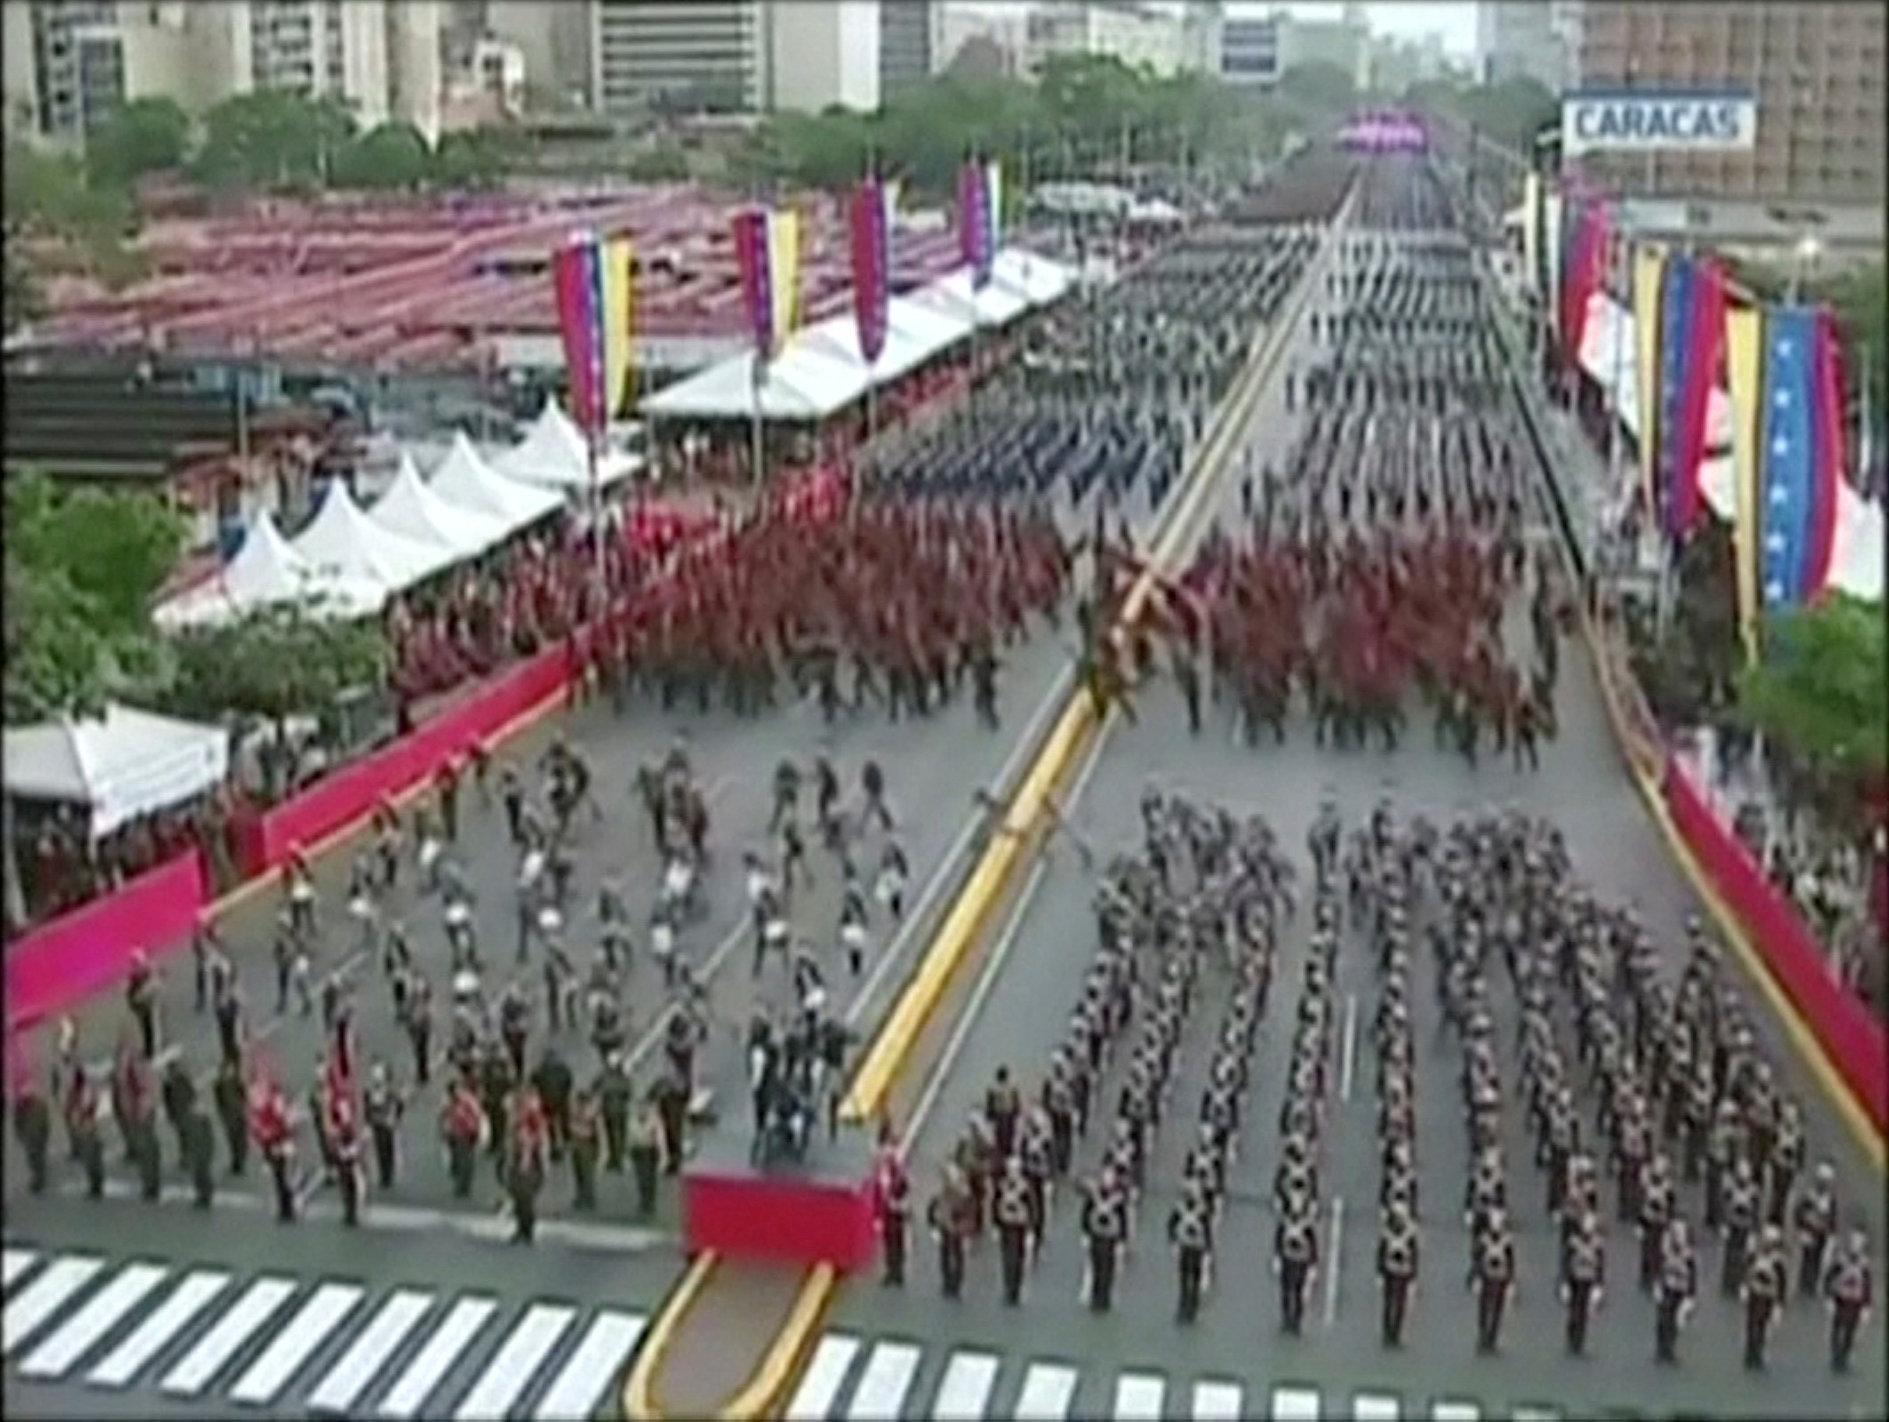 Los militares formados huyen del lugar después de la explosión.